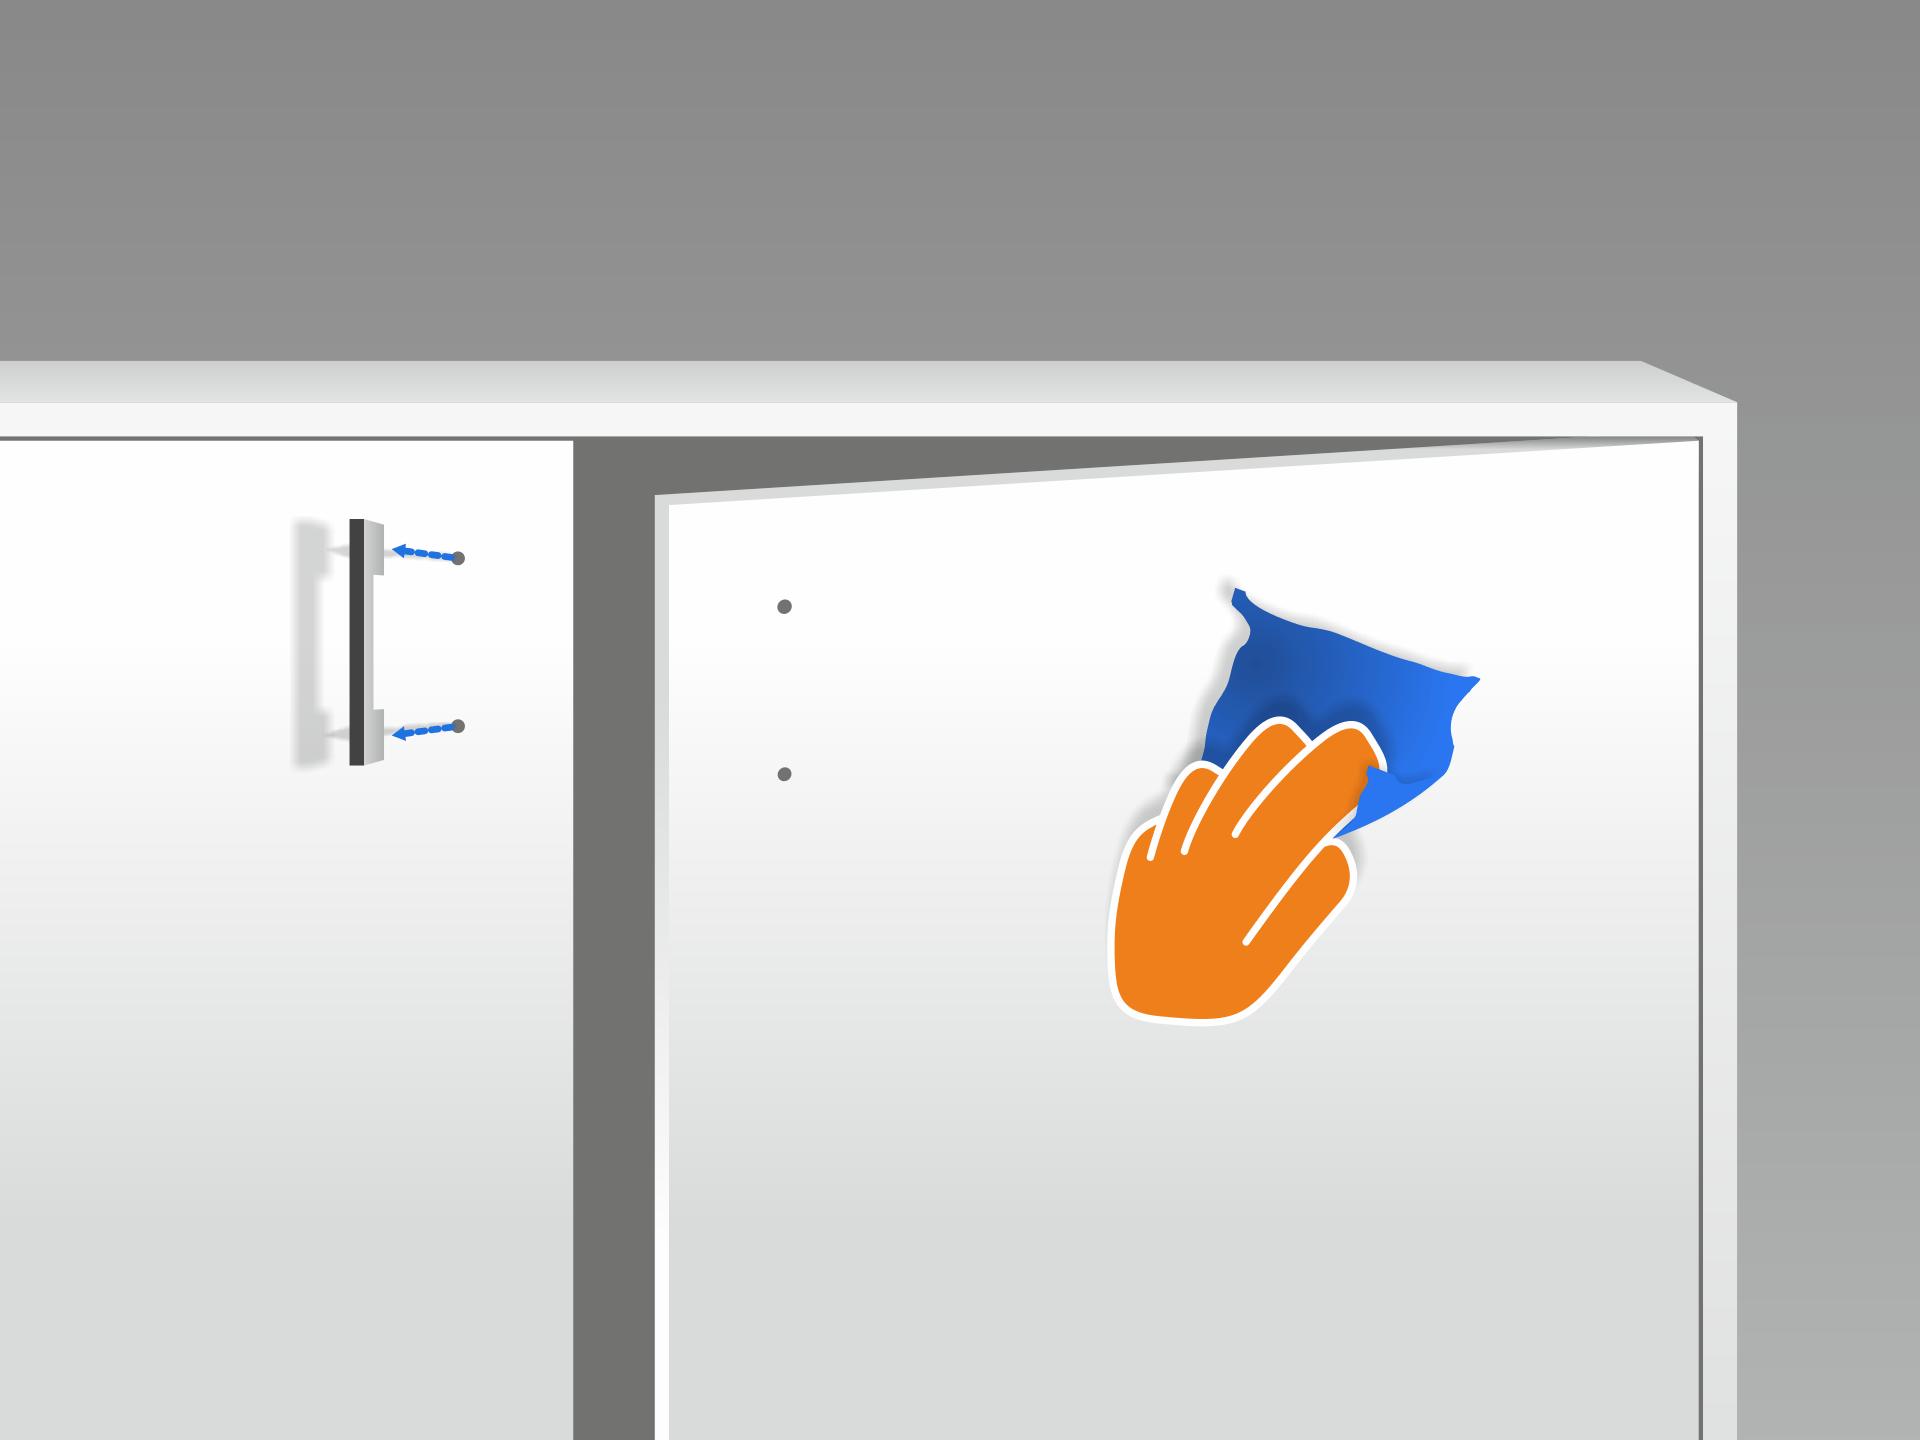 Den Untergrund gründlich mit Glasreiniger reinigen. Er sollte staub- und fettfrei sein. Hervorstehende Kleinteile (Türgriffe etc.) abbauen. Türen können zur Erleichterung der Verklebearbeiten ggf. ausgehangen werden.